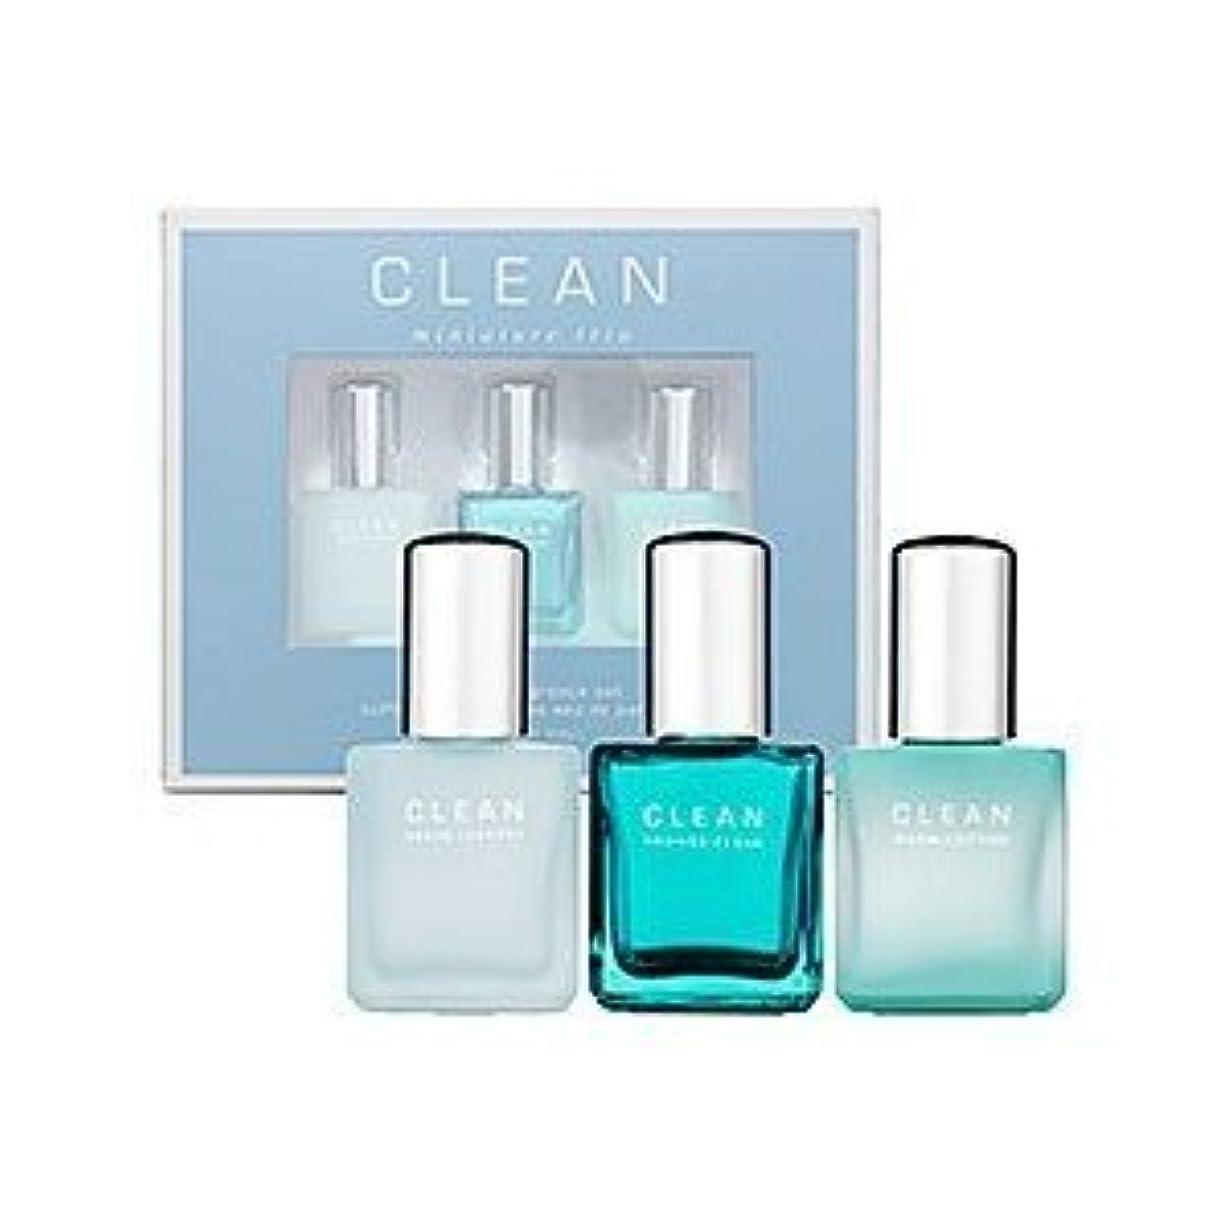 むしろ干し草むしゃむしゃClean Miniature Trio (クリーン ミニチュア トリオ) by Clean